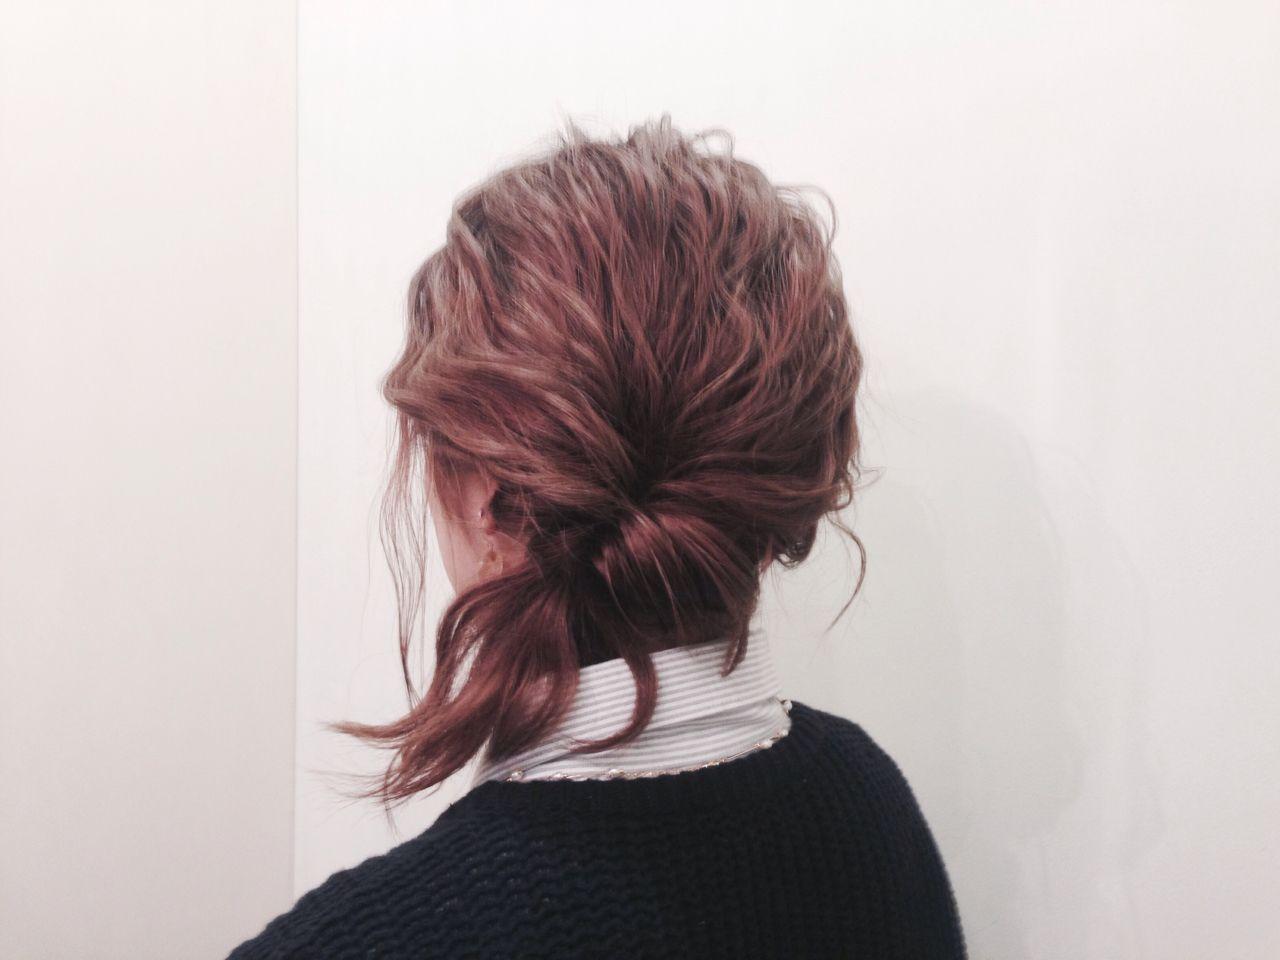 ナチュラル ショート くるりんぱ 簡単ヘアアレンジ ヘアスタイルや髪型の写真・画像 | yuuta inoue/vicca 'ekolu / vicca 'ekolu